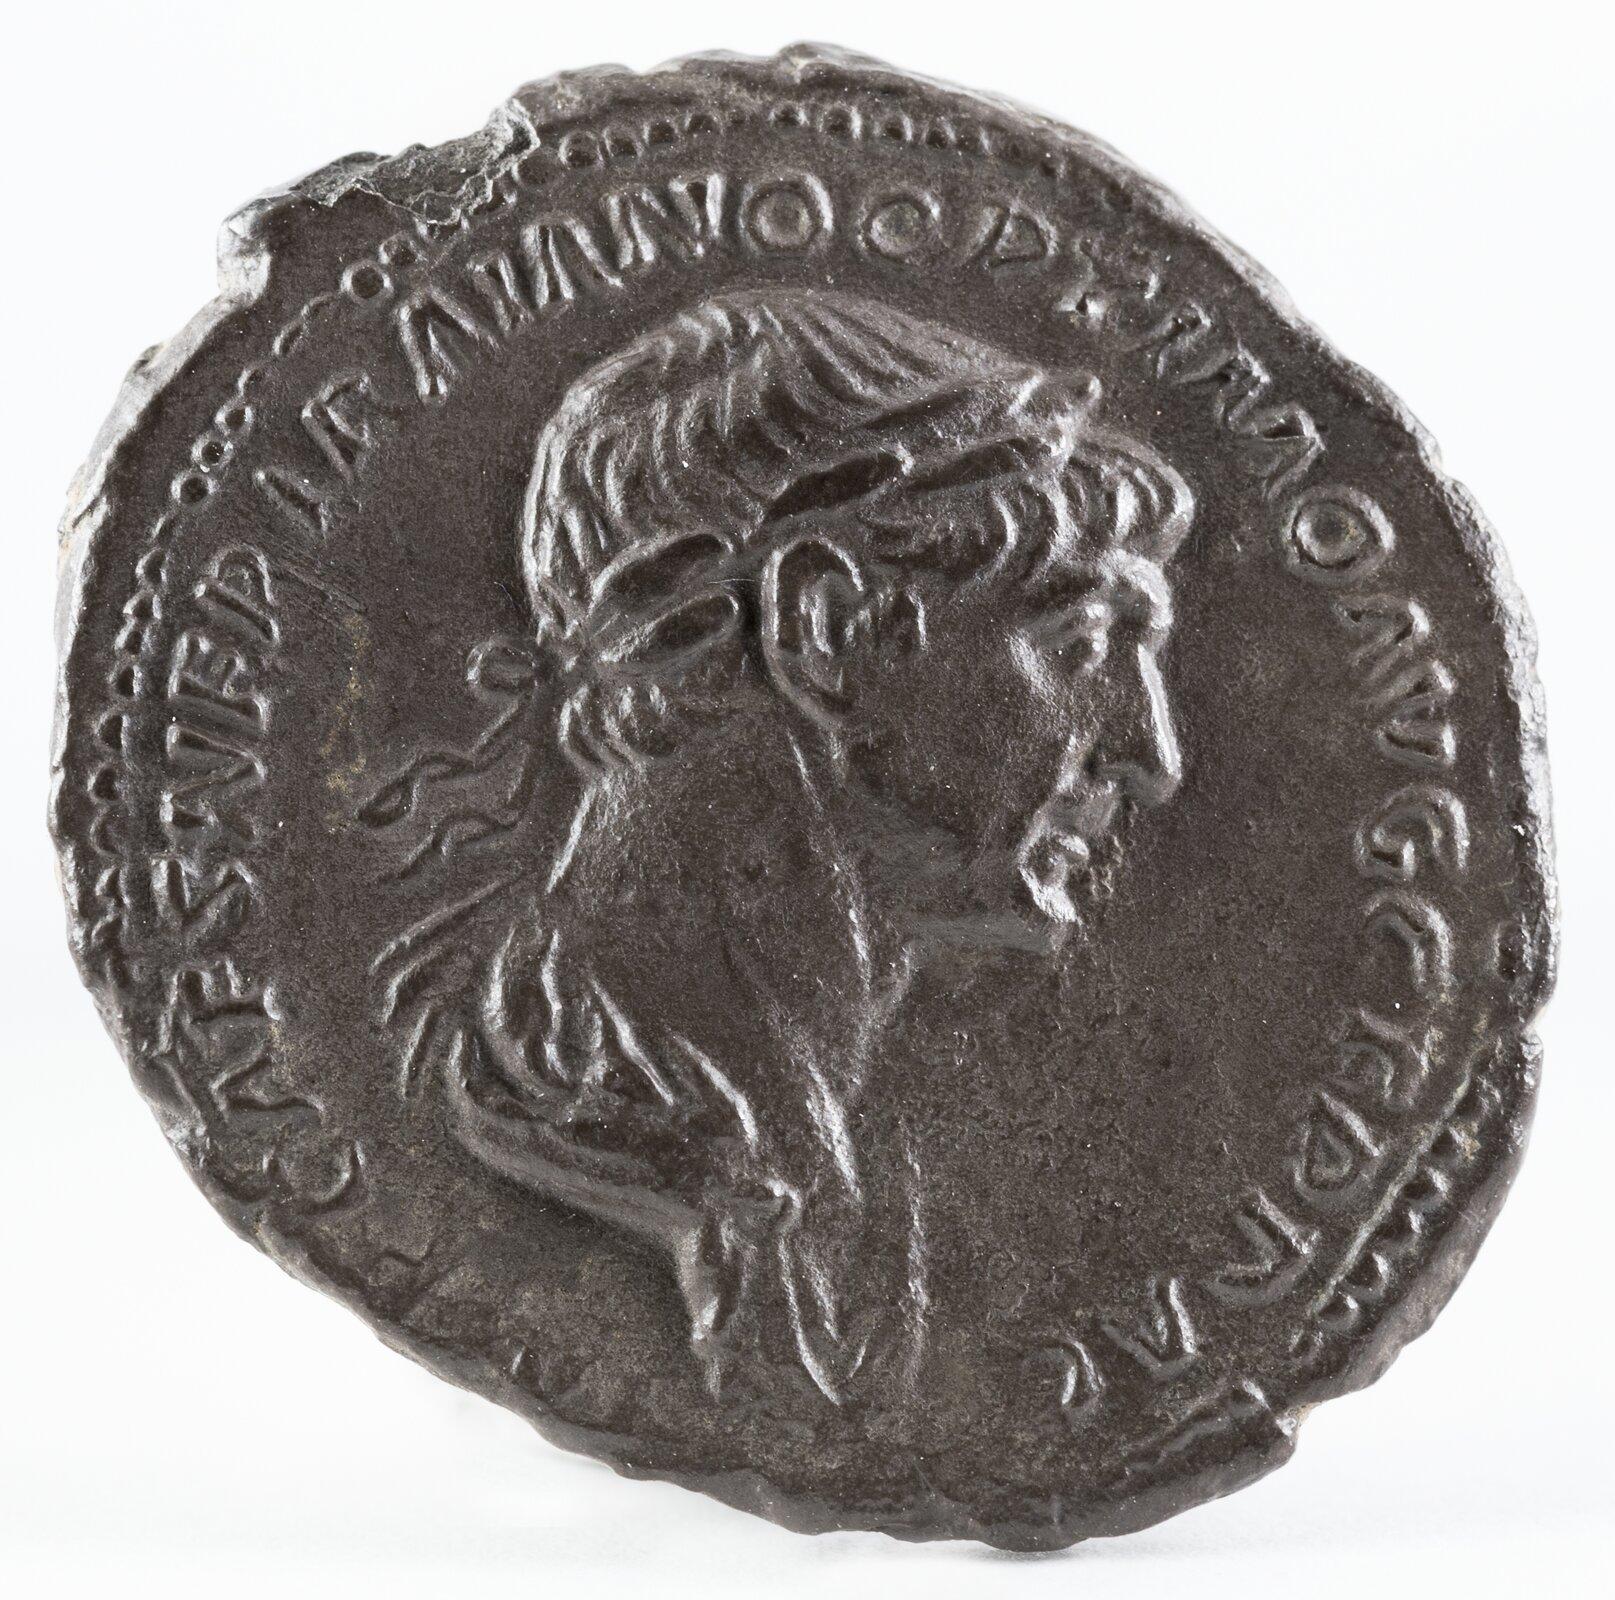 Fotografia nieznanego autora przedstawia monetę zwizerunkiem Trajana. Cesarz pokazany jest zprofilu. Wokół niego znajdują się łacińskie inskrypcje.